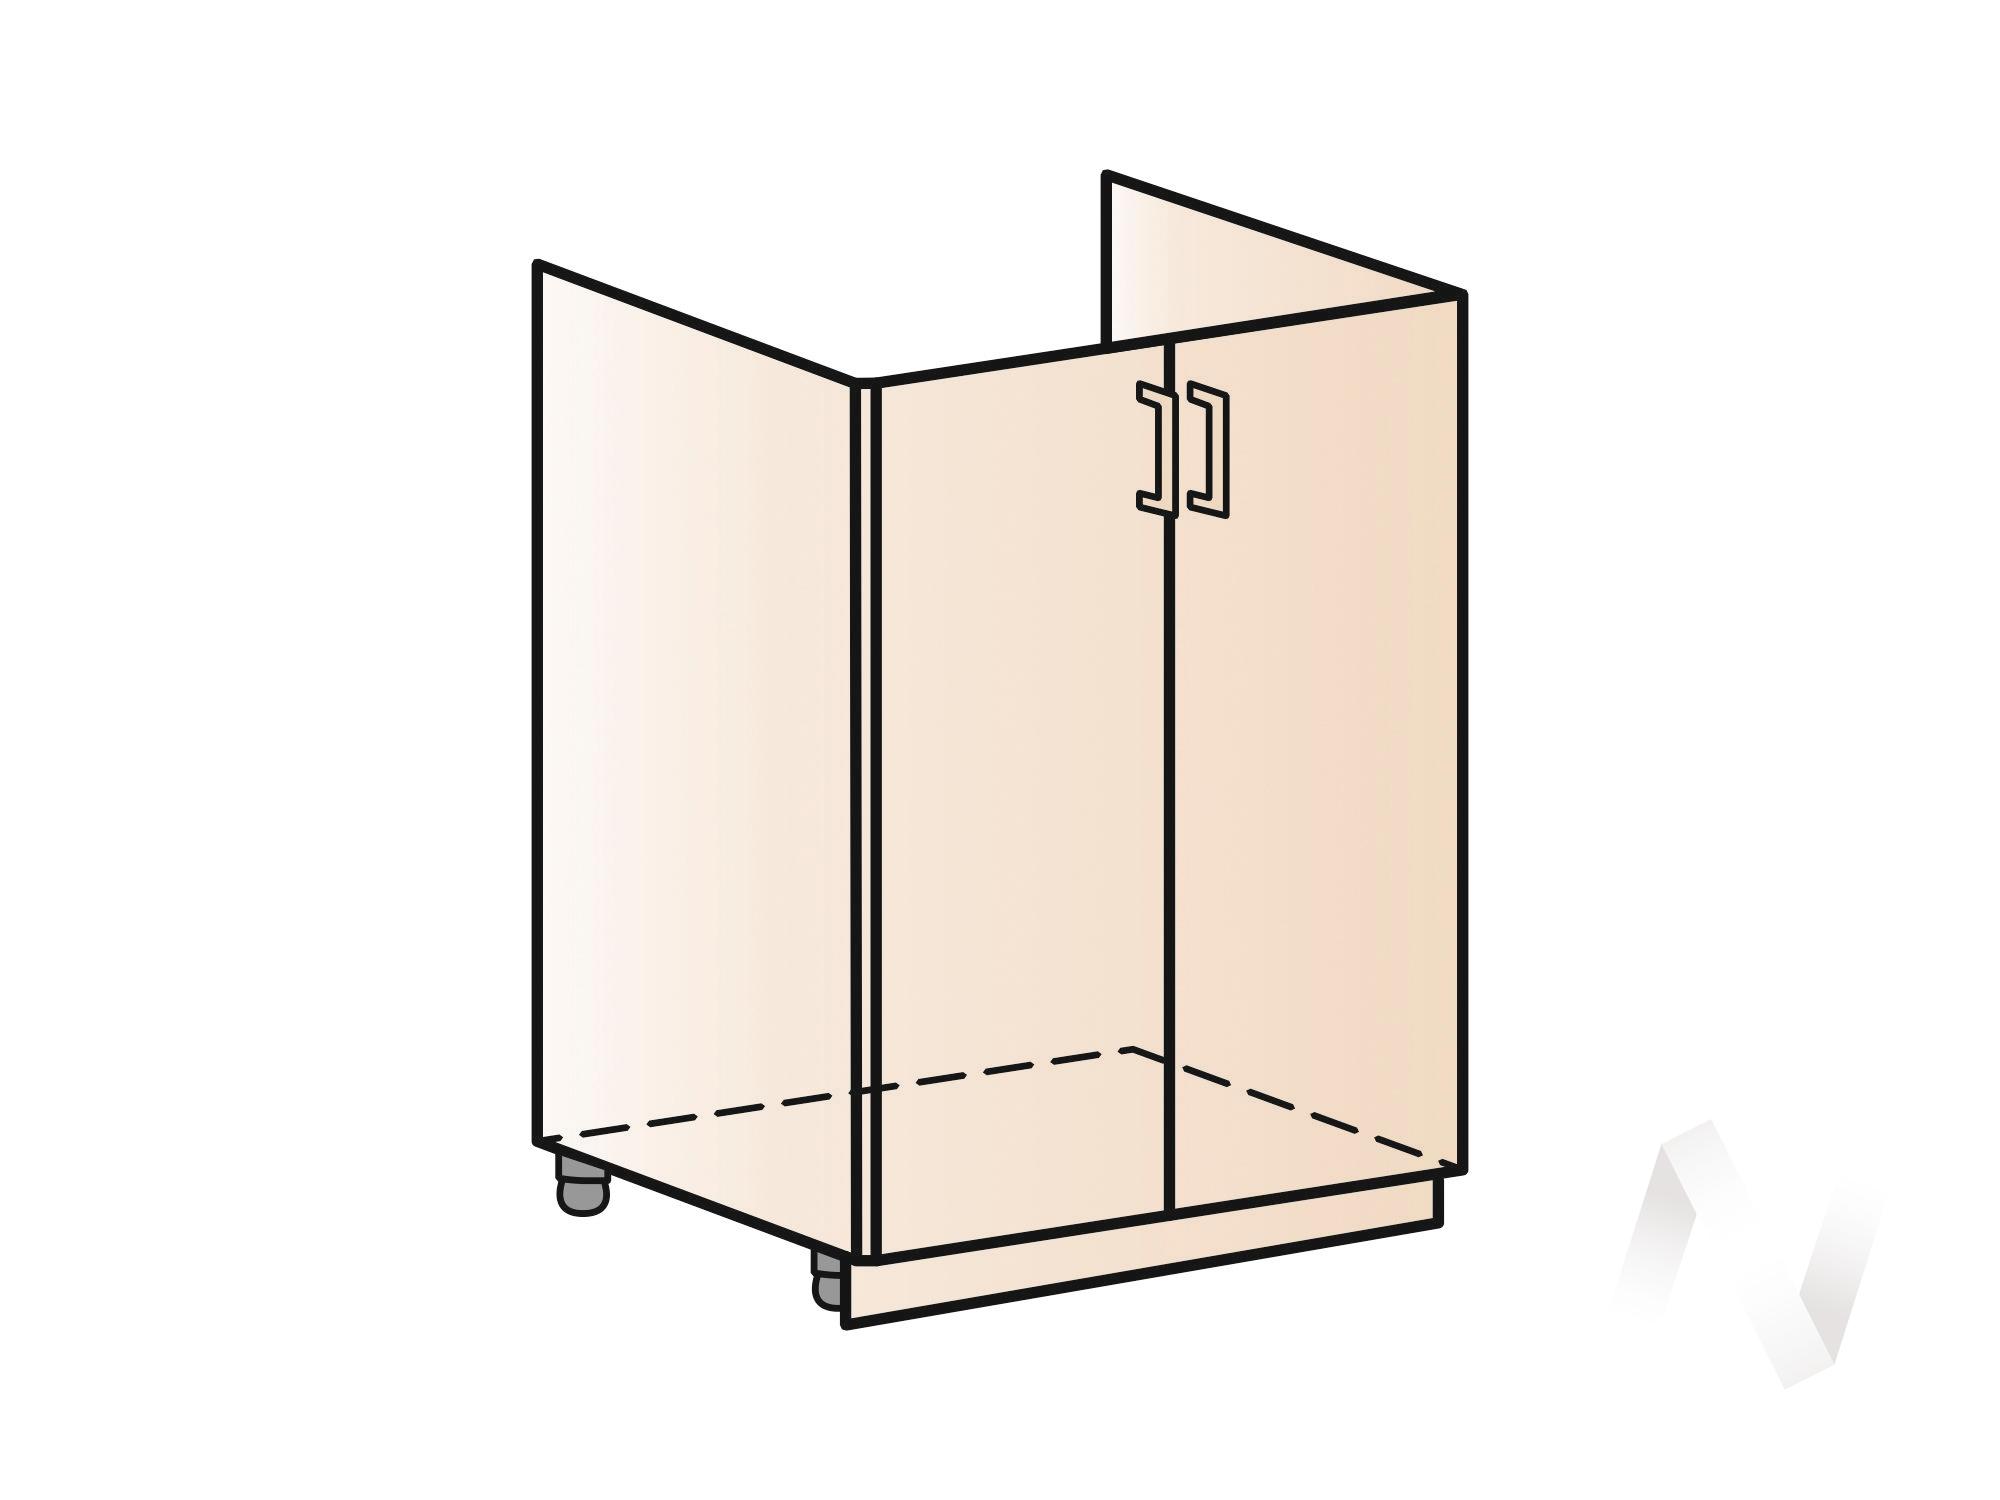 """Кухня """"Вена"""": Шкаф нижний под мойку 600, ШНМ 600 (корпус венге) в Новосибирске в интернет-магазине мебели kuhnya54.ru"""